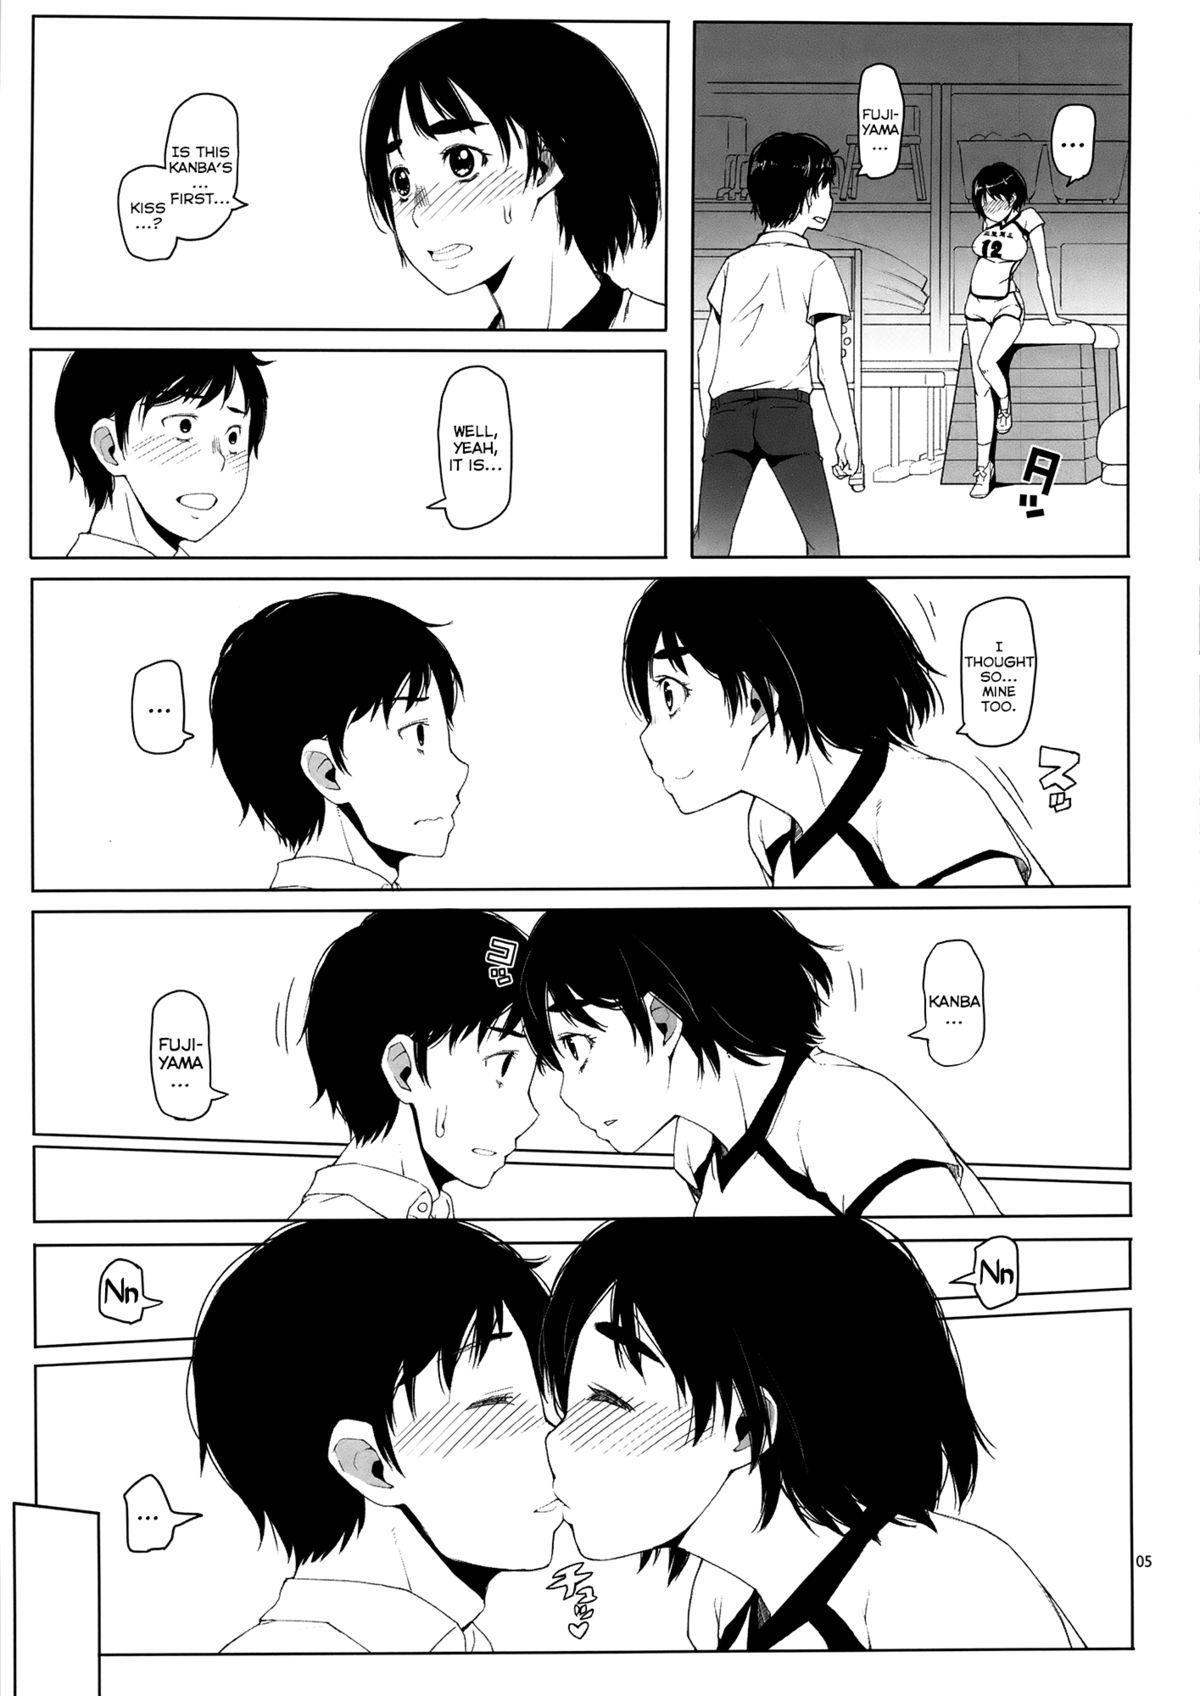 (C86) [Asaki Blog Branch Office (Asaki Takayuki)] Fujiyama-san no Hatsujouki | Fujiyama-san's Mating Season (Fujiyama-san wa Shishunki) [English] [YQII] 4